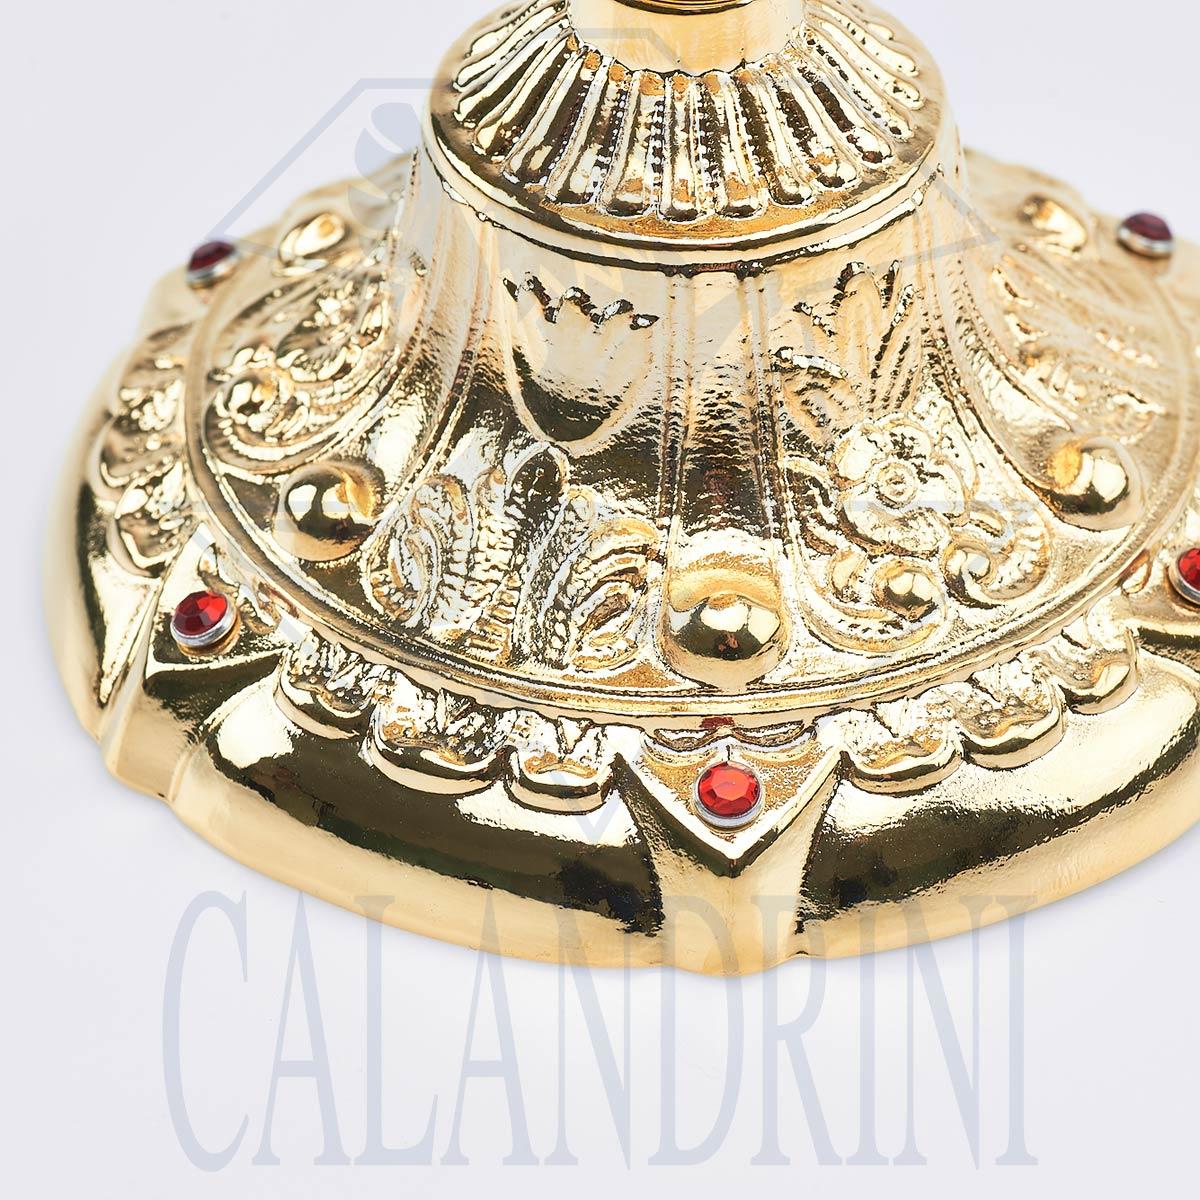 Copa barroca en fusión dorada con inserciones de rubí.